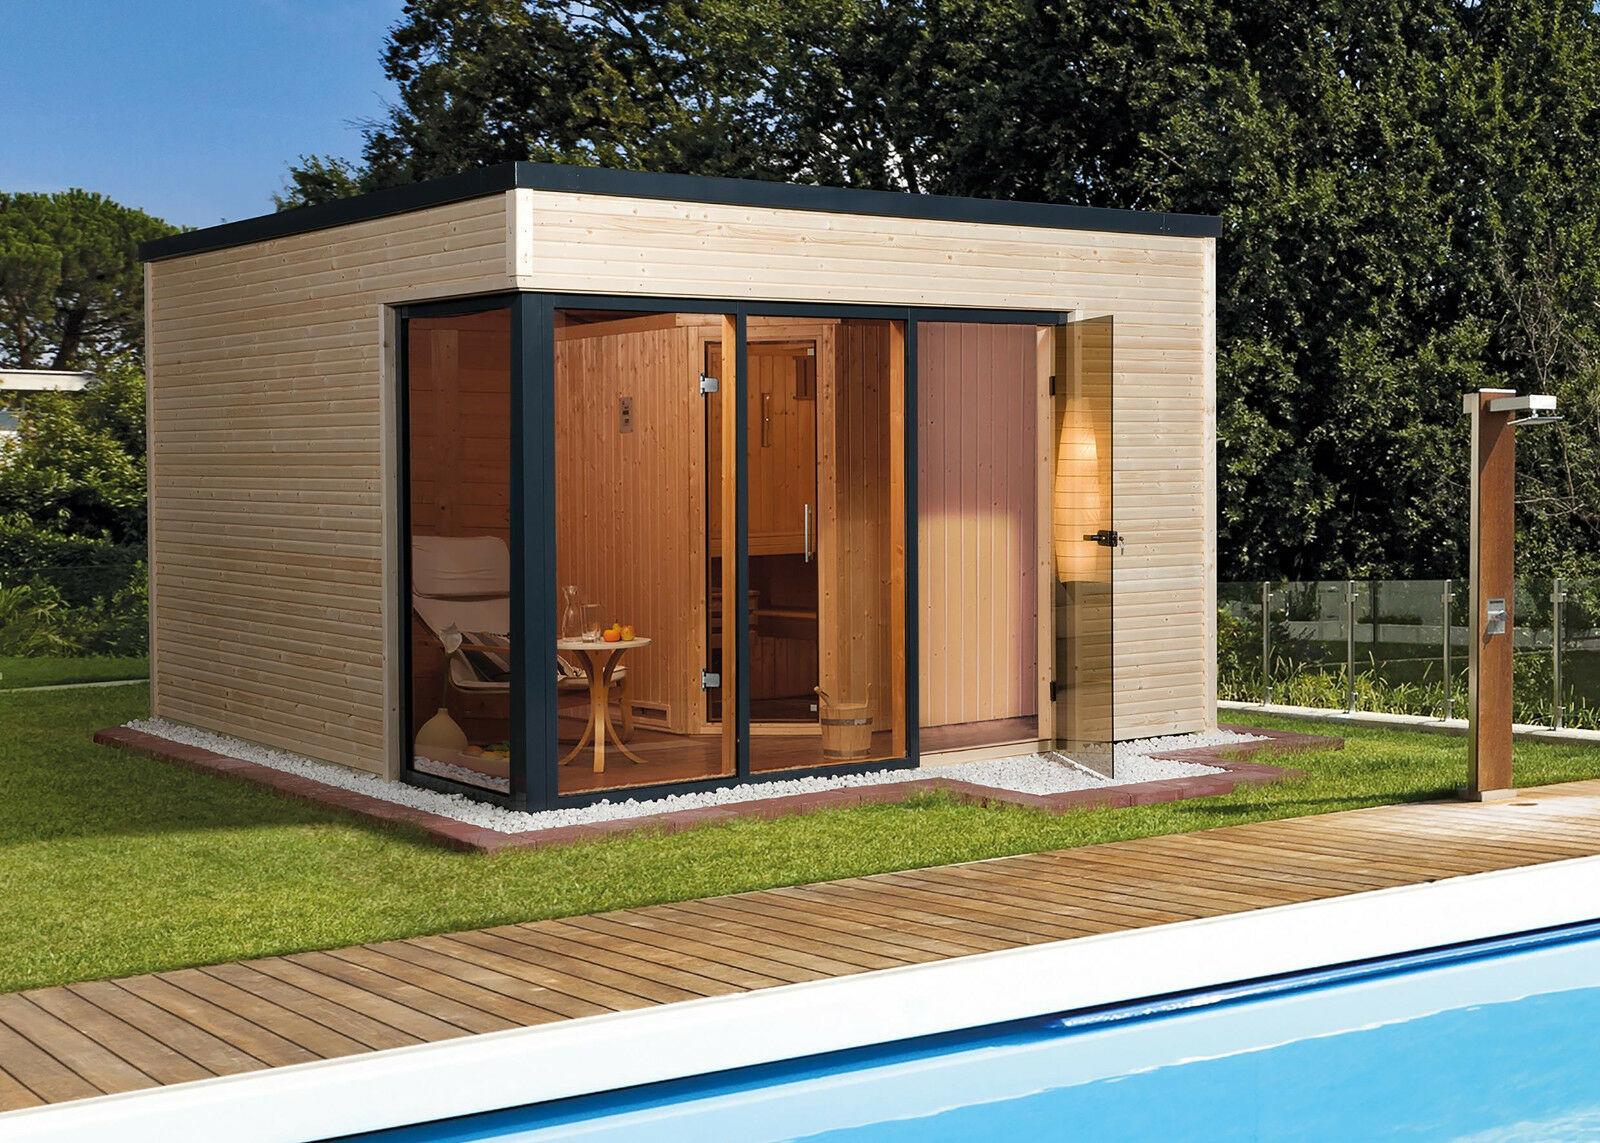 Full Size of Designsauna Mehr Als 200 Angebote Wohnzimmer Außensauna Wandaufbau